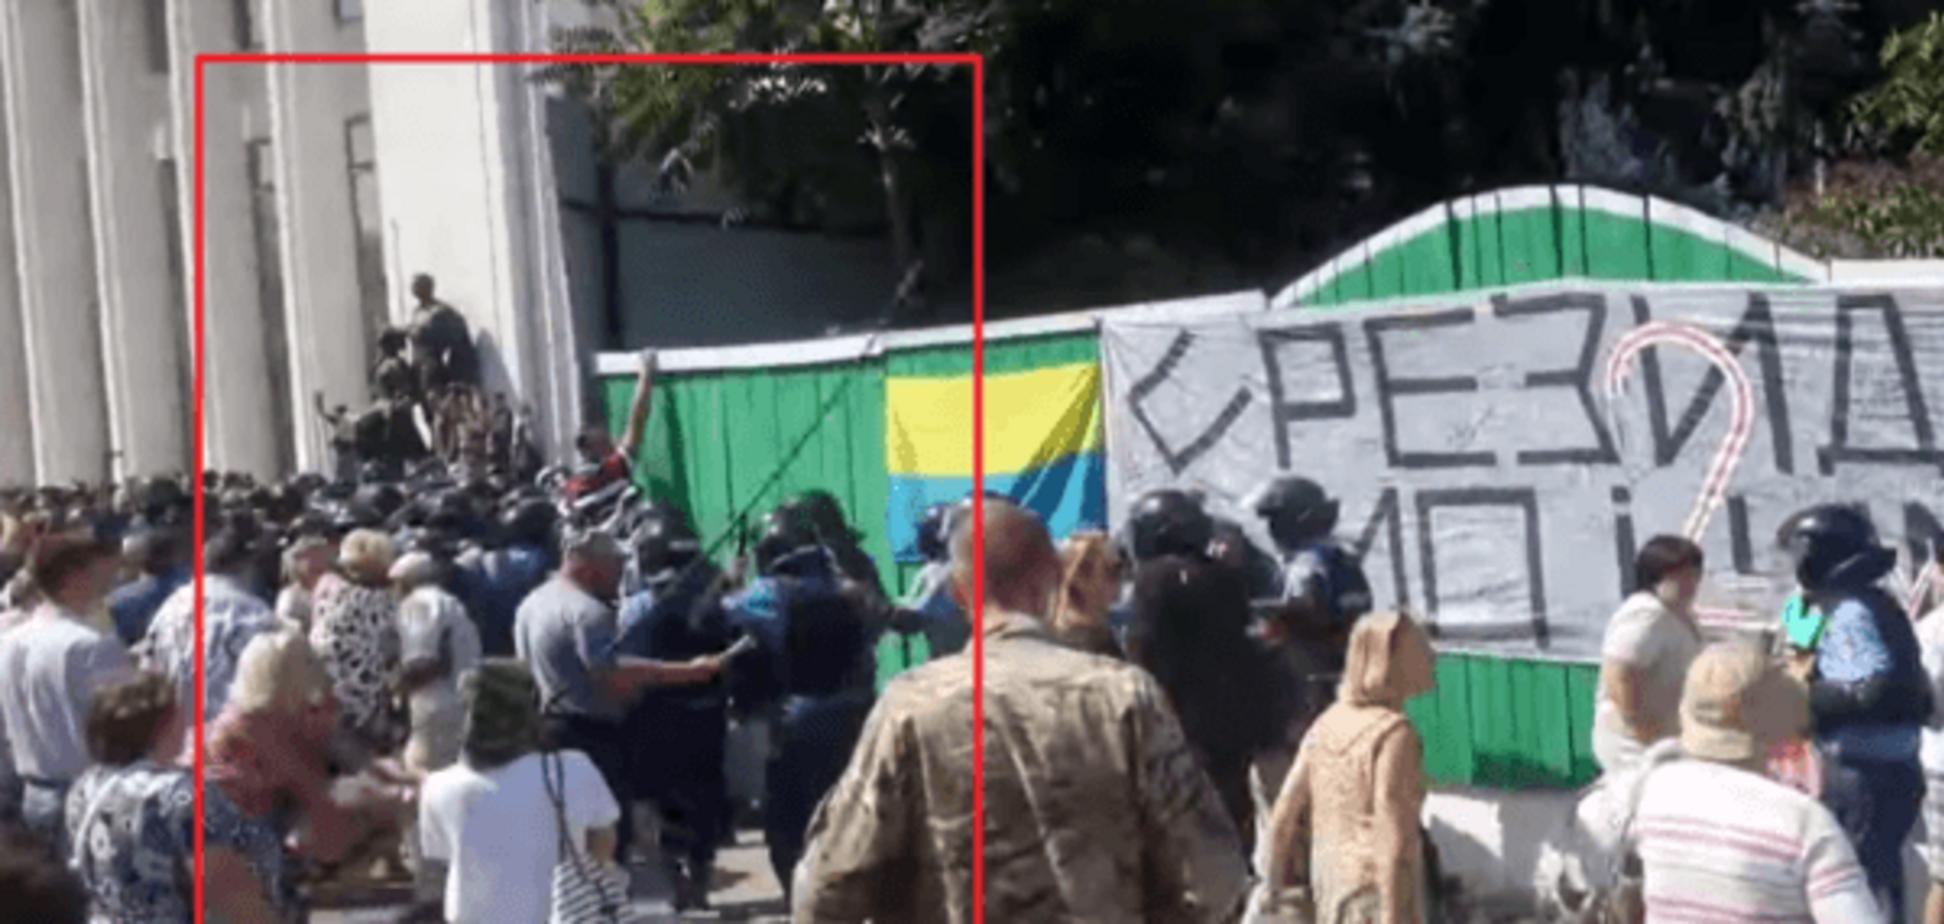 Подруга 'невиноватого' Тягнибока Фарион избивала палкой силовиков возле Рады: видеофакт